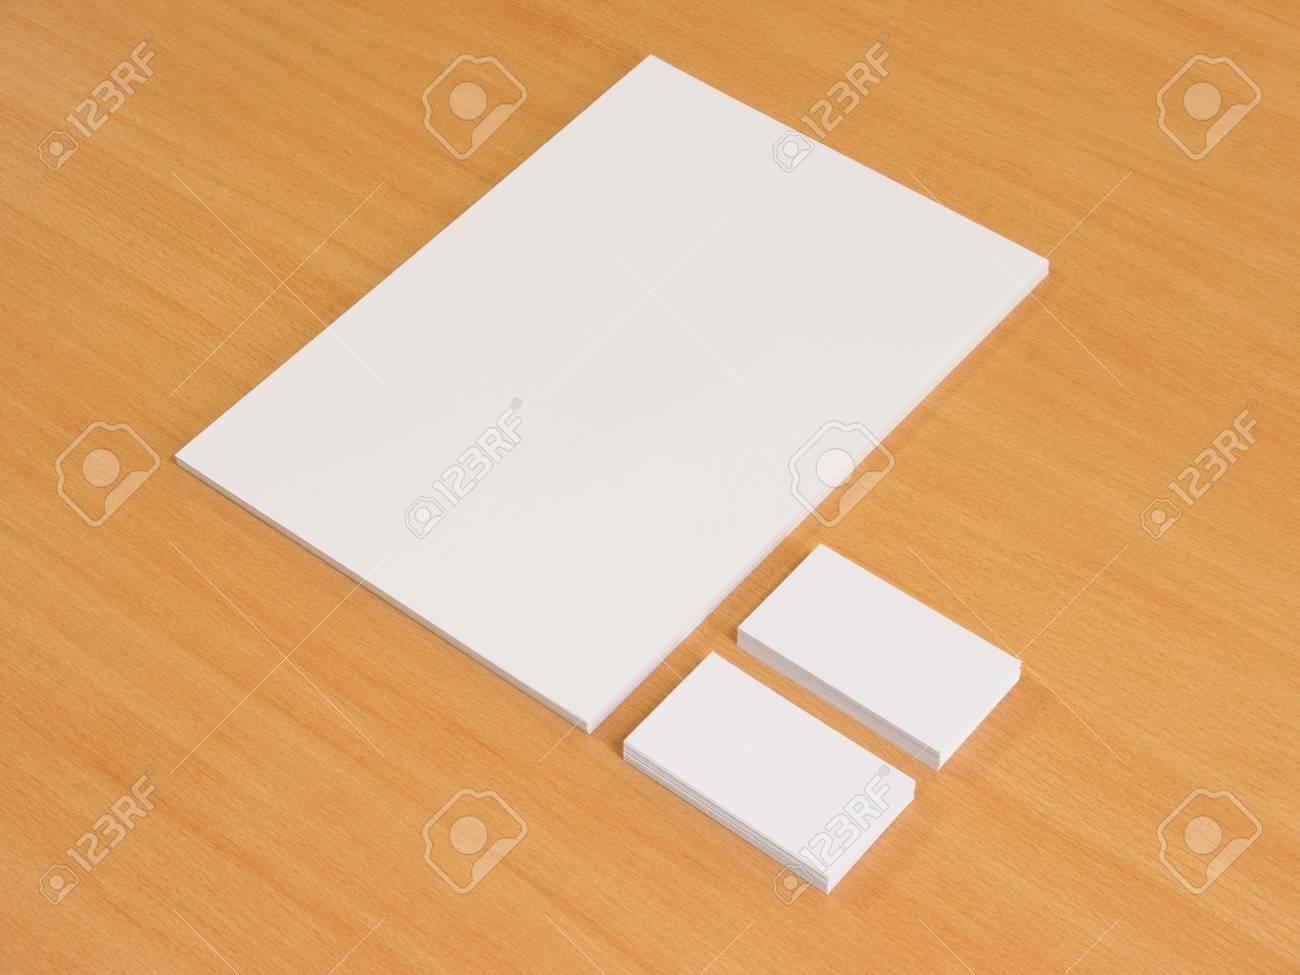 Papier Blanc Et Cartes De Visite En Bois Presentation Design D